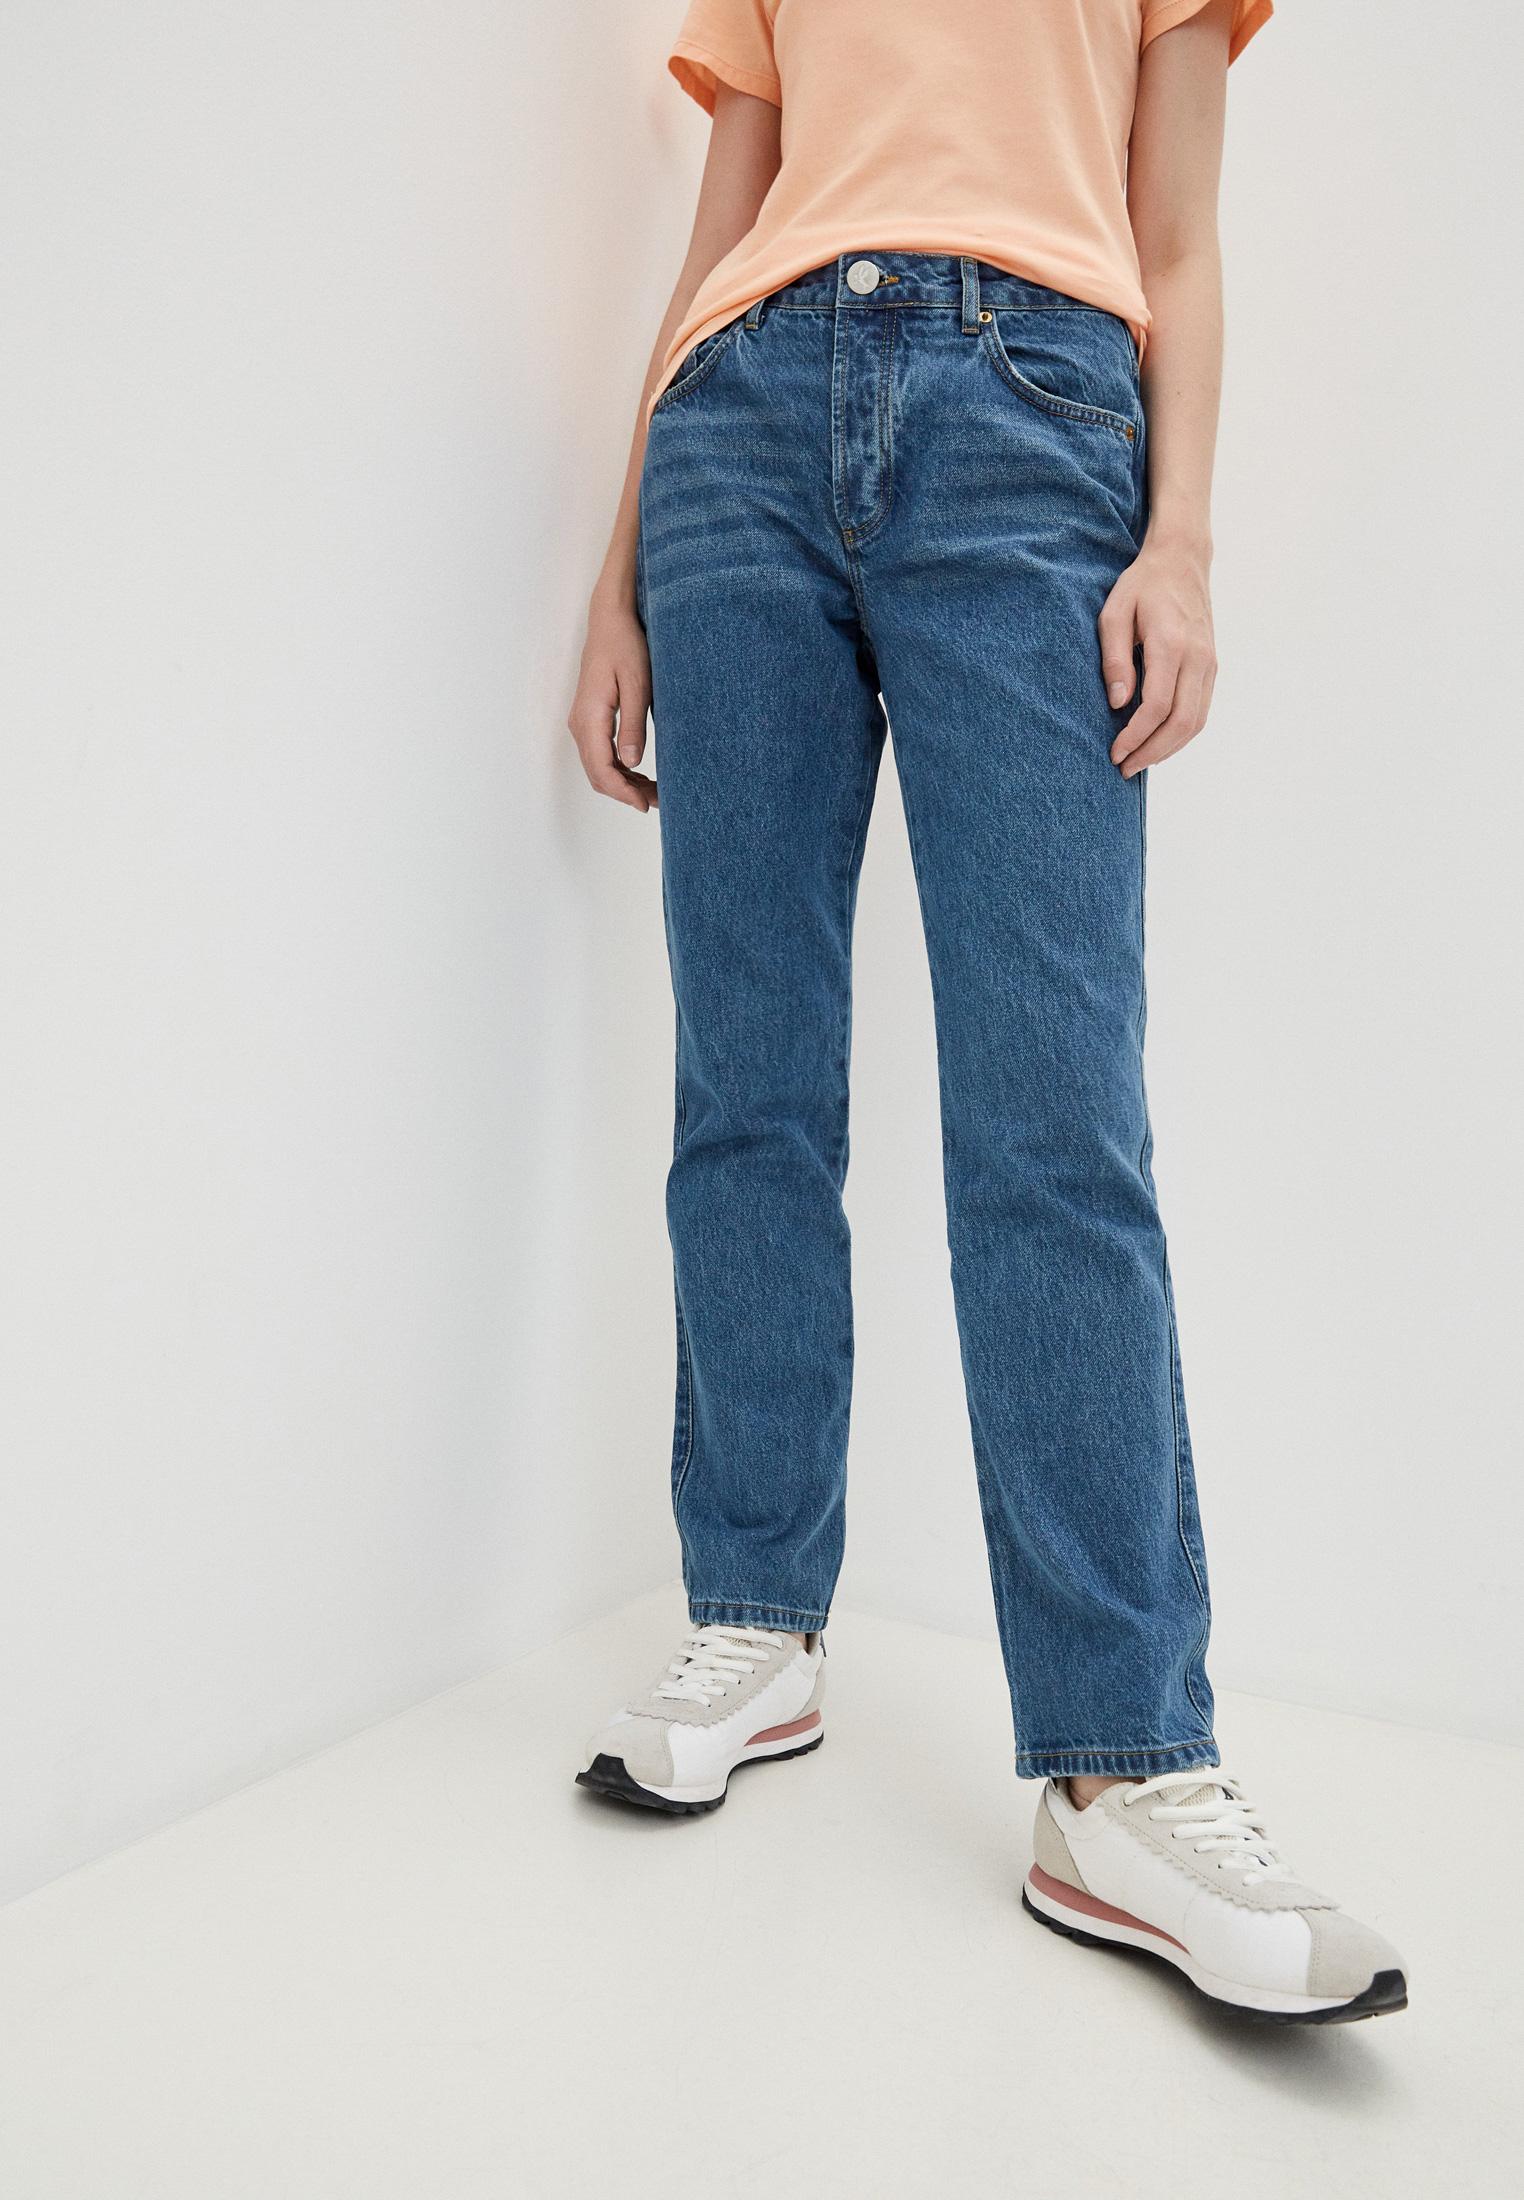 Прямые джинсы One Teaspoon (Вантиспун) Джинсы One Teaspoon